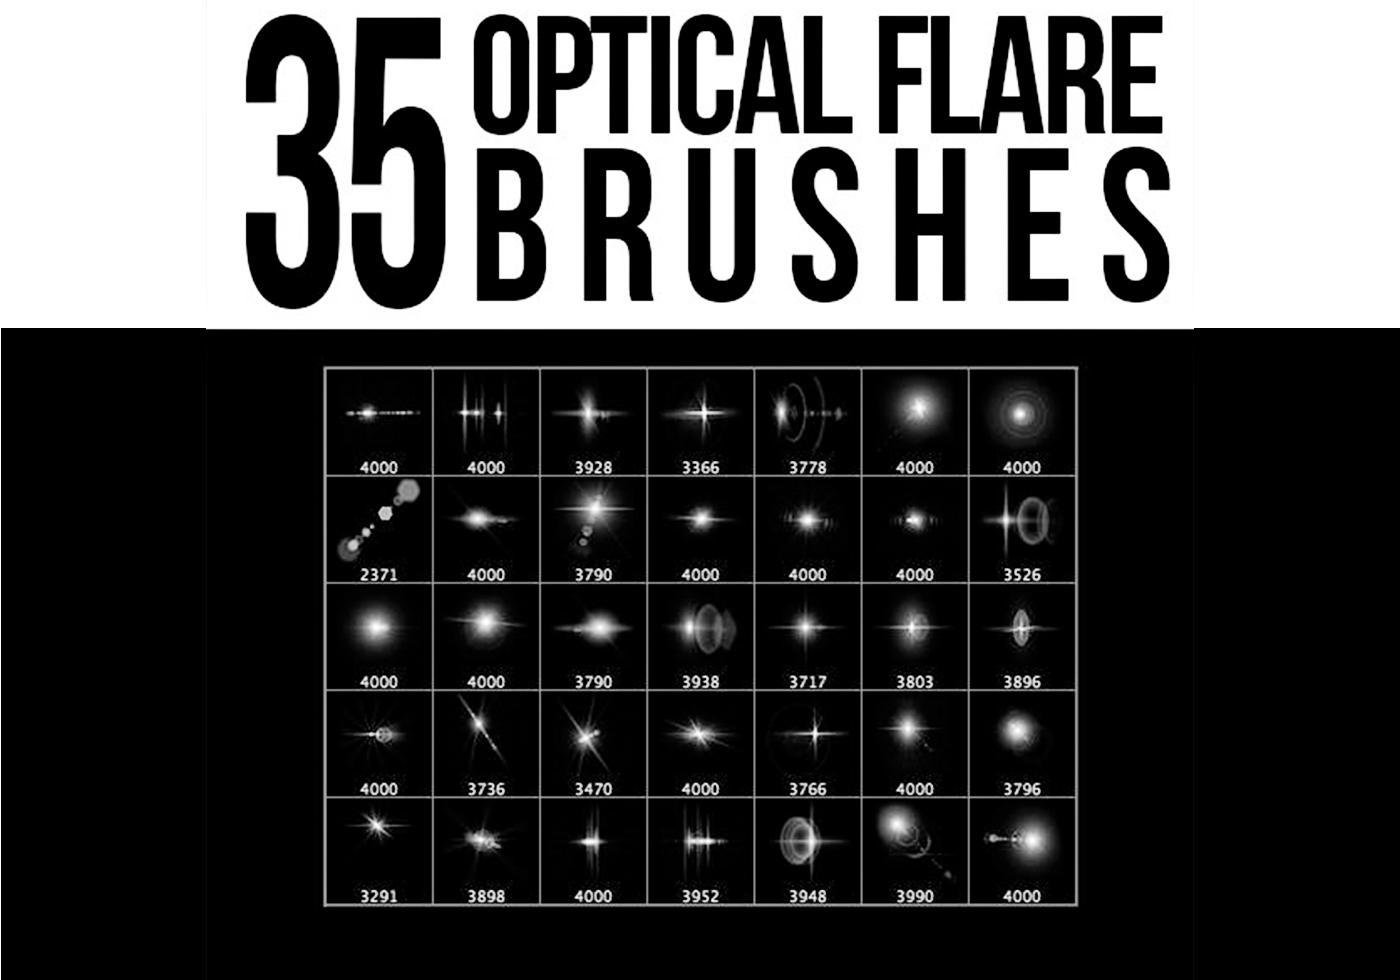 35 Optical Flare Brushes - Free Photoshop Brushes at ...